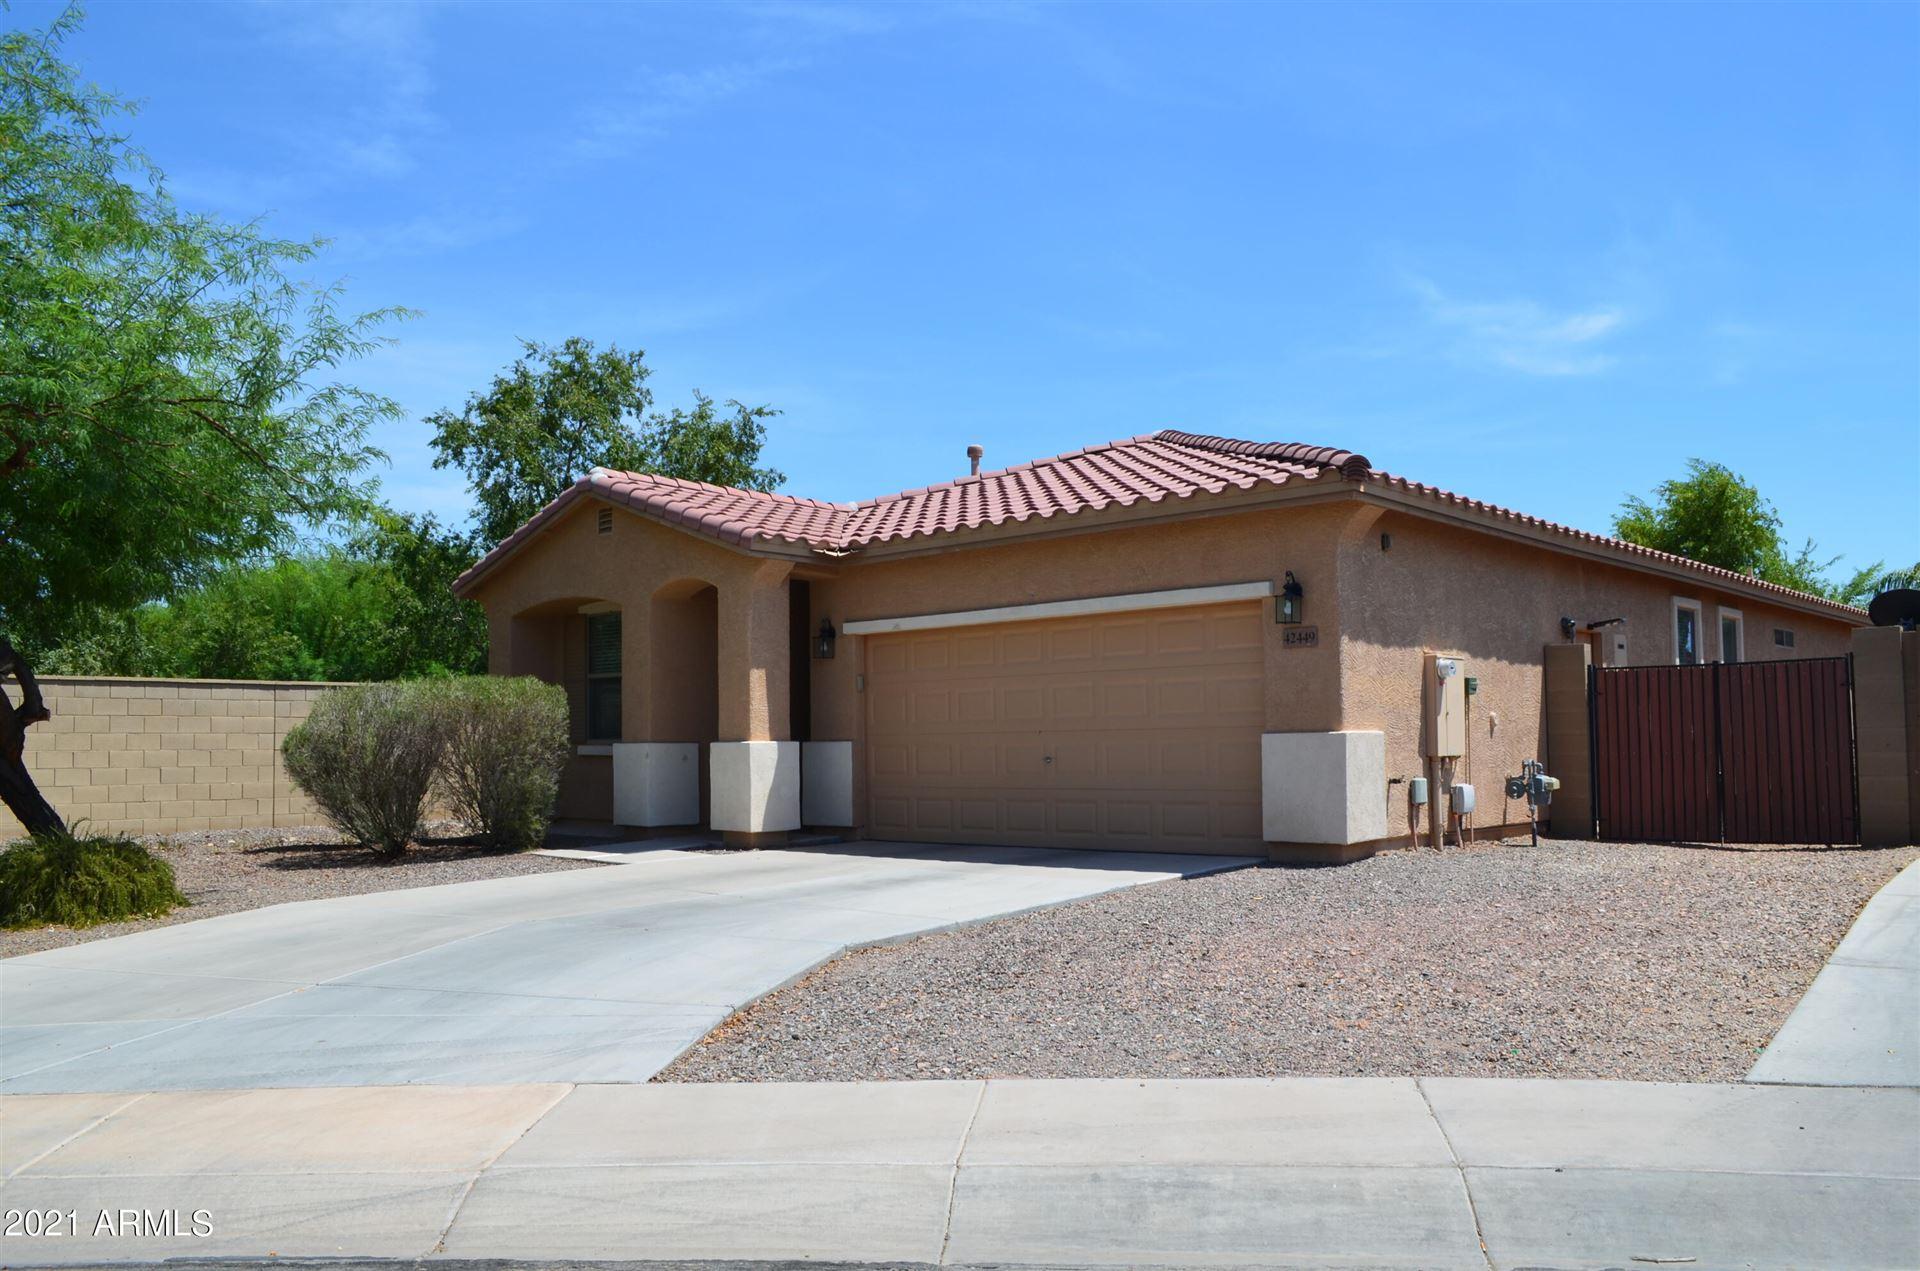 42449 W Centennial Court, Maricopa, AZ 85138 - MLS#: 6259577